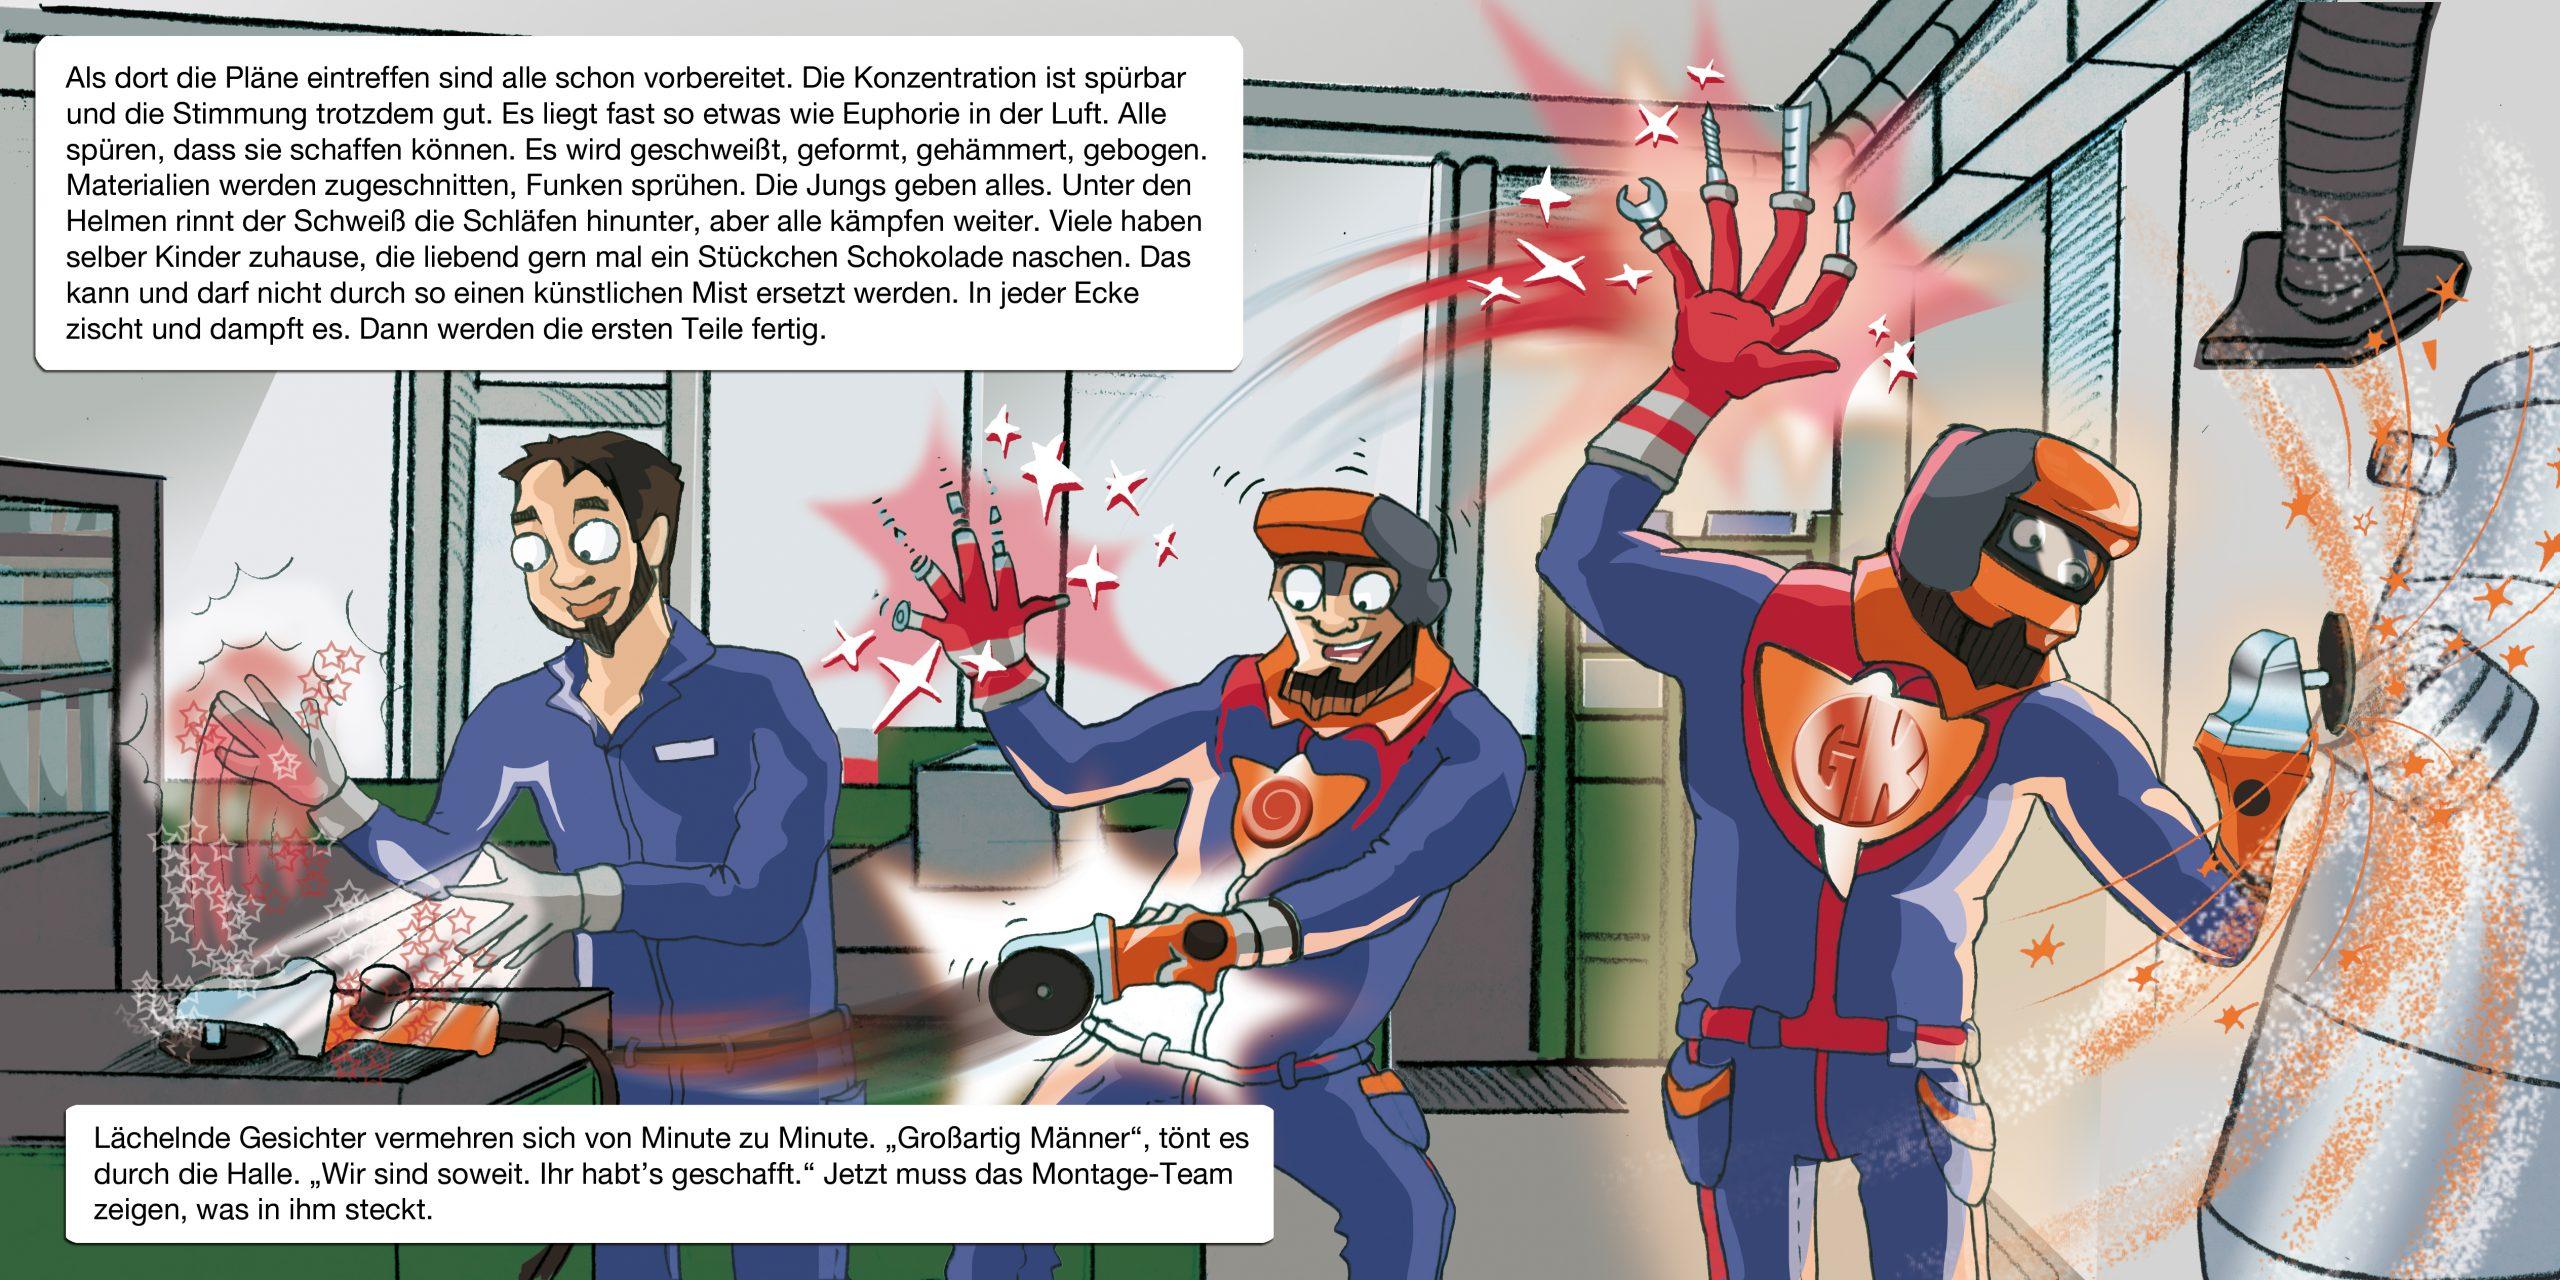 GK KLIEWE Infobroschüre, 2. Handlungsstrang, Doppelseite 8